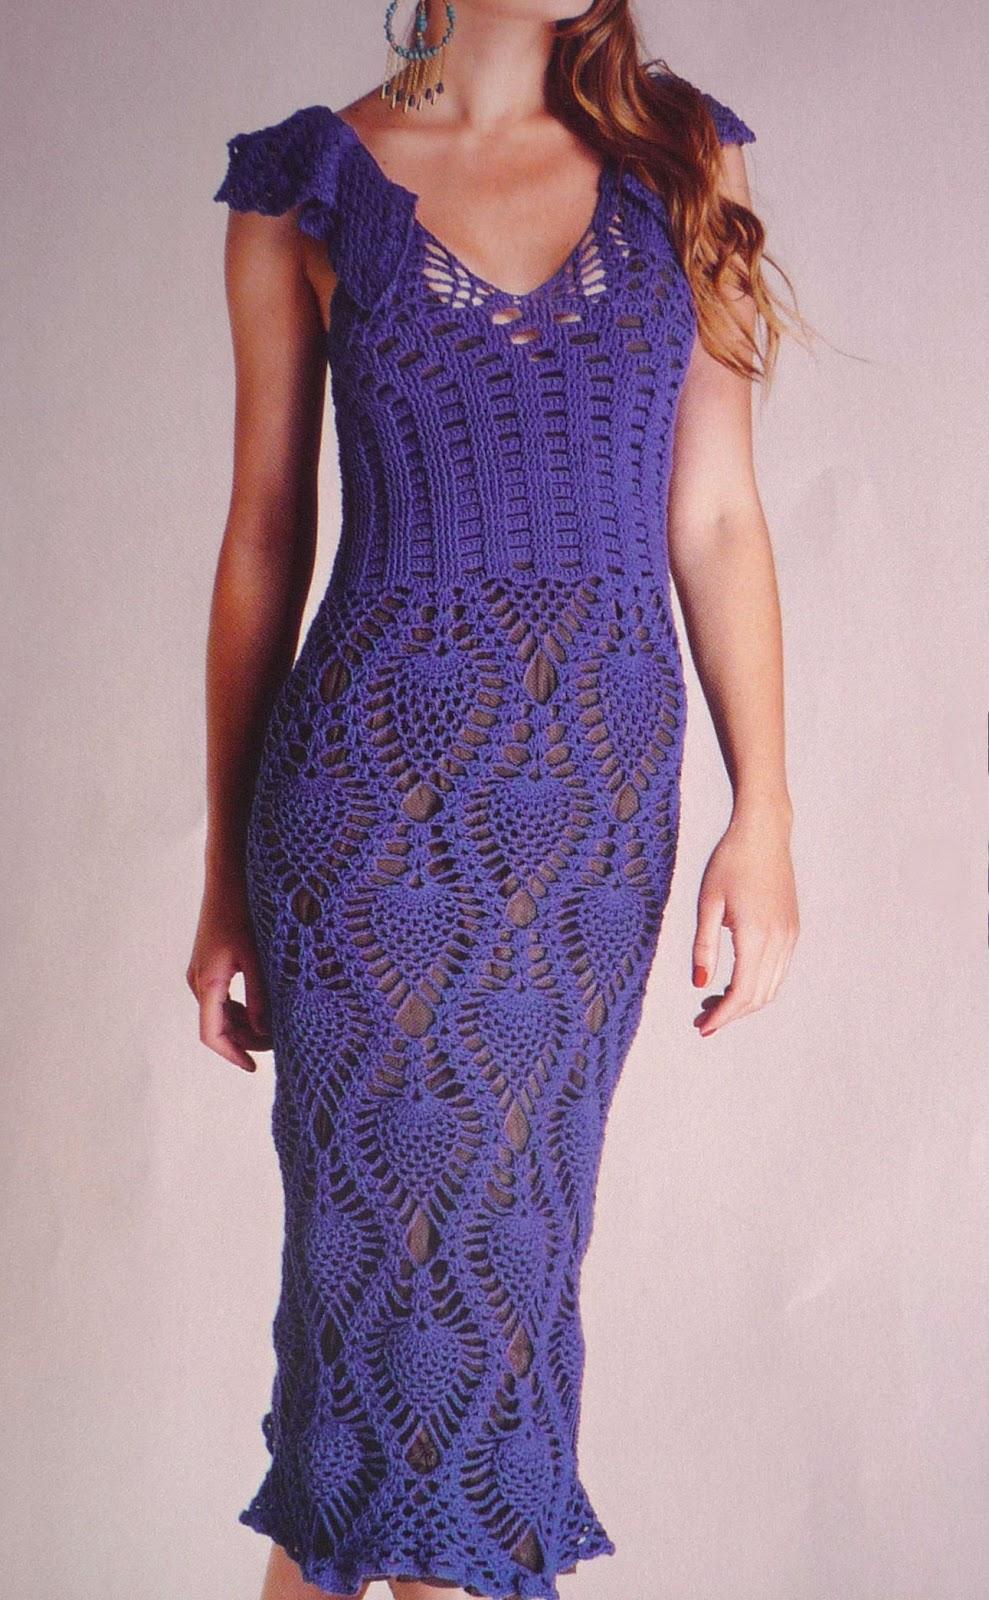 Vestido Mujer Tejido A Crochet Paso A Paso 3 De 3 | apexwallpapers.com